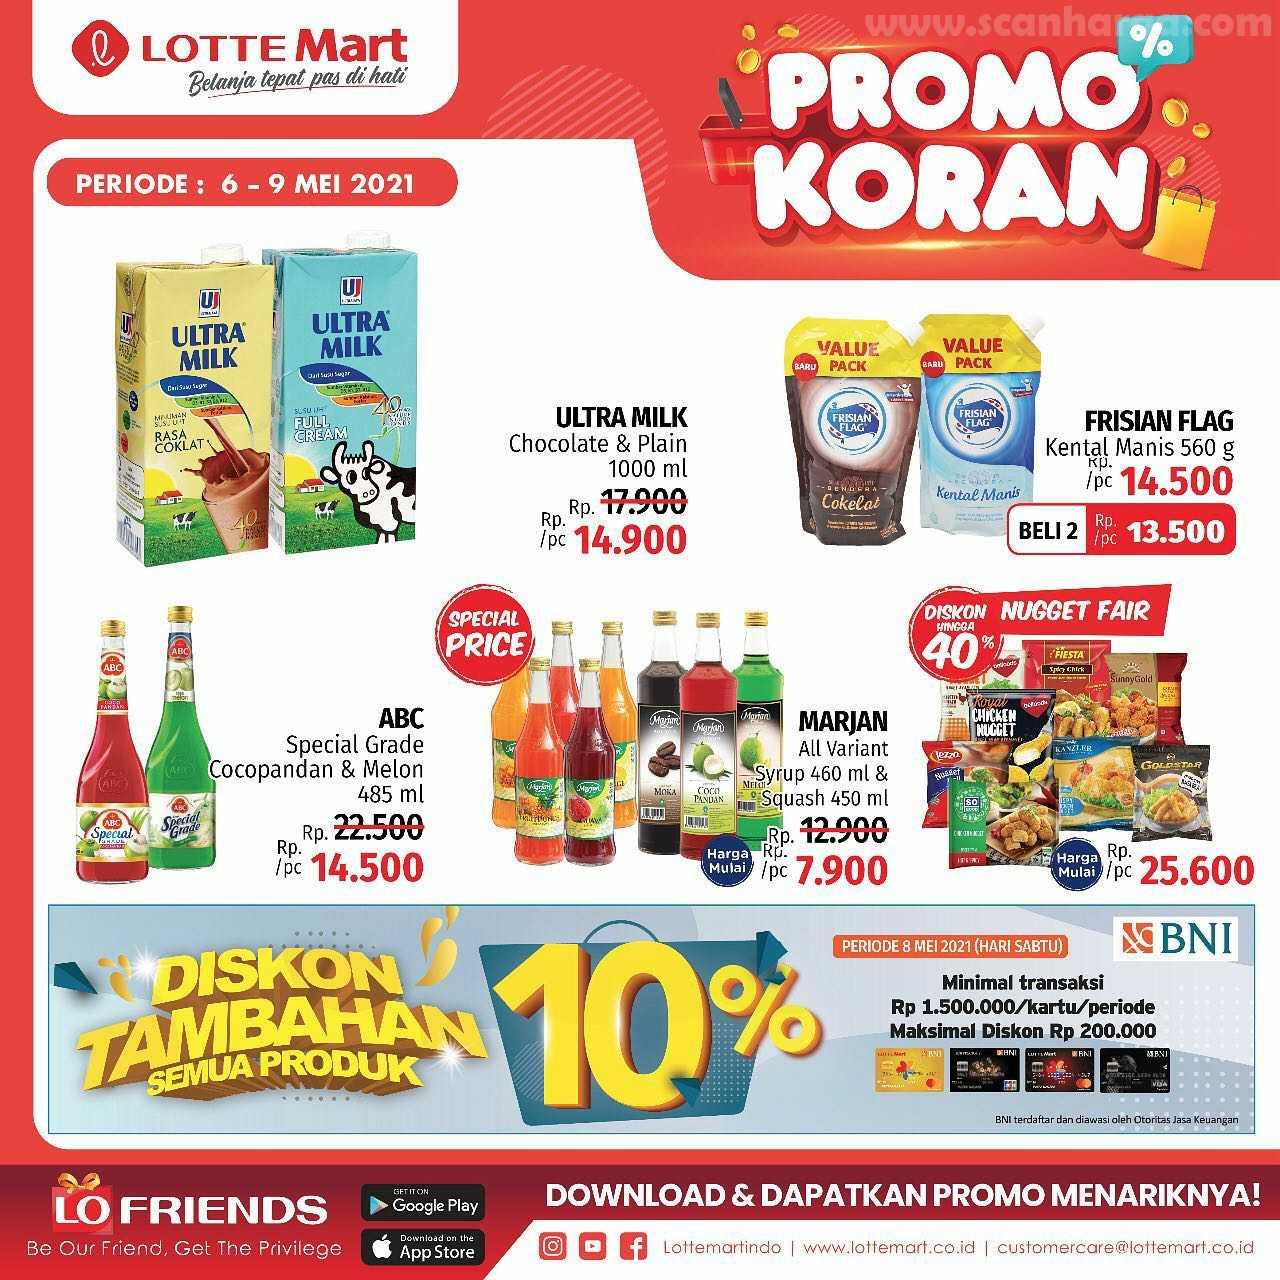 Katalog Promo Lottemart Weekend 6 - 9 Mei 2021 5